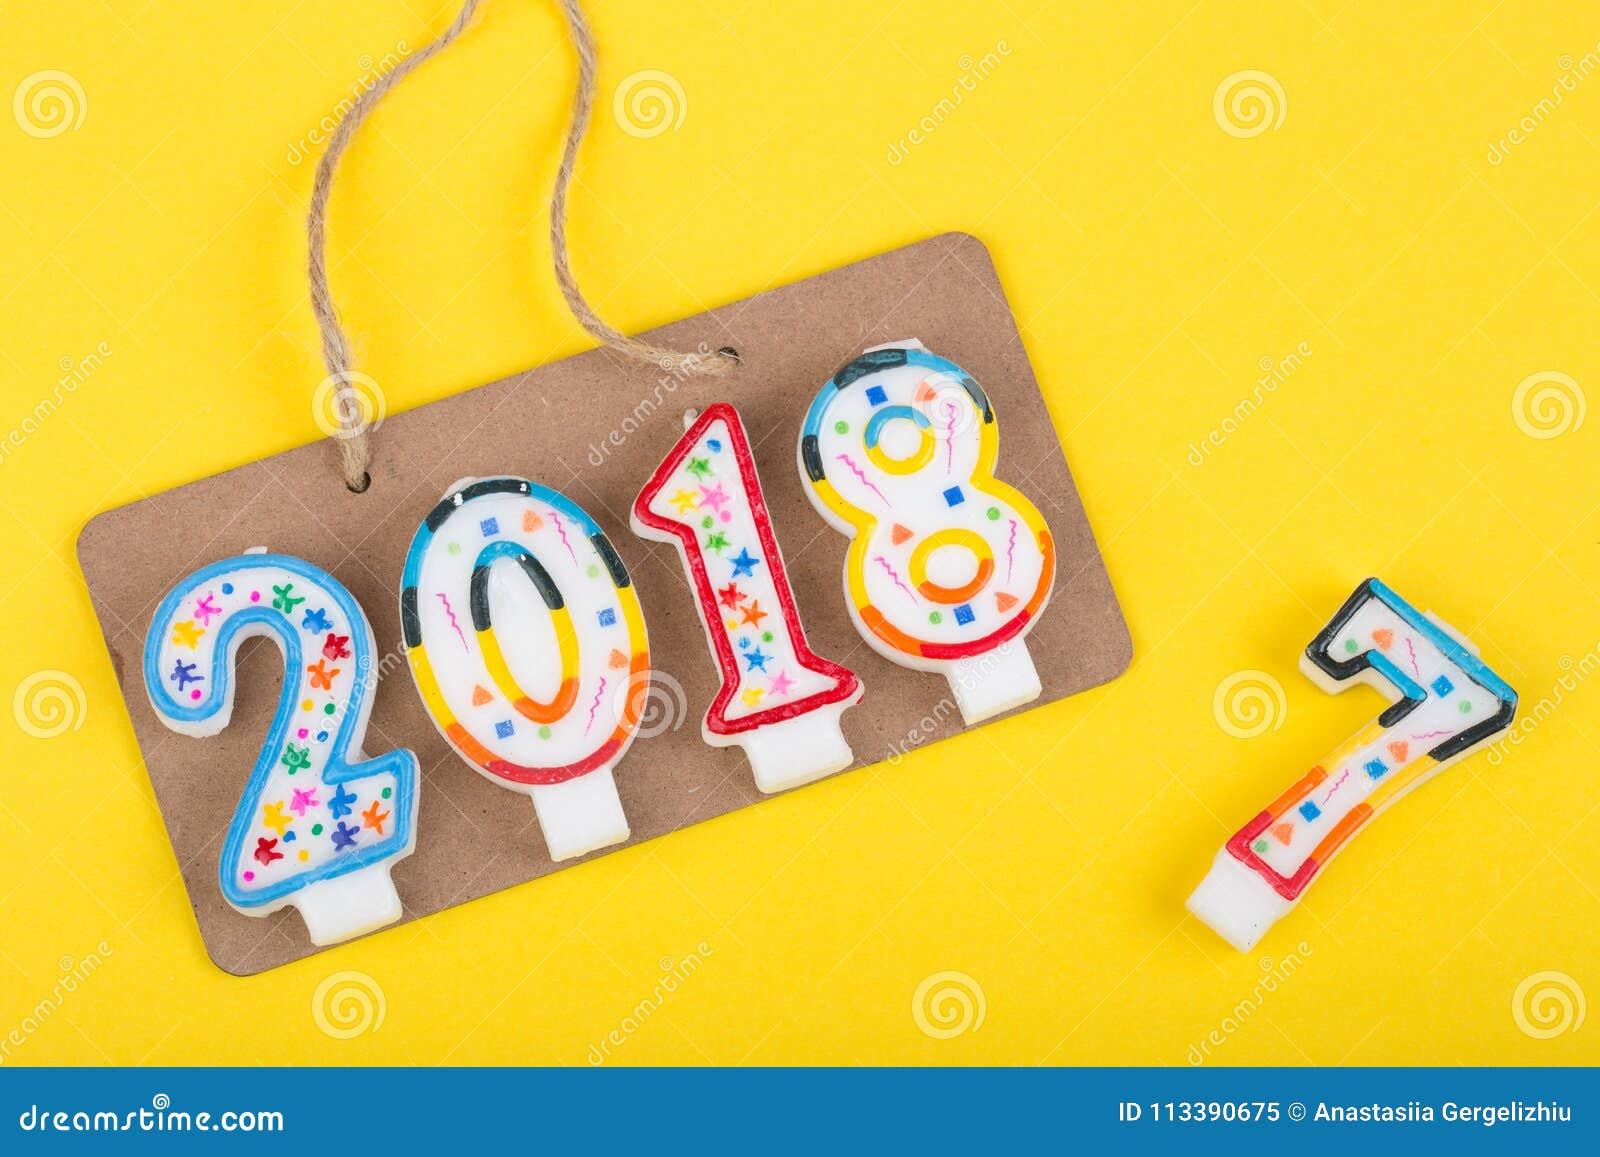 Концепция Нового Года - знак на веревочке с надписью 2018 делает из свечей и до свидания 2017 год